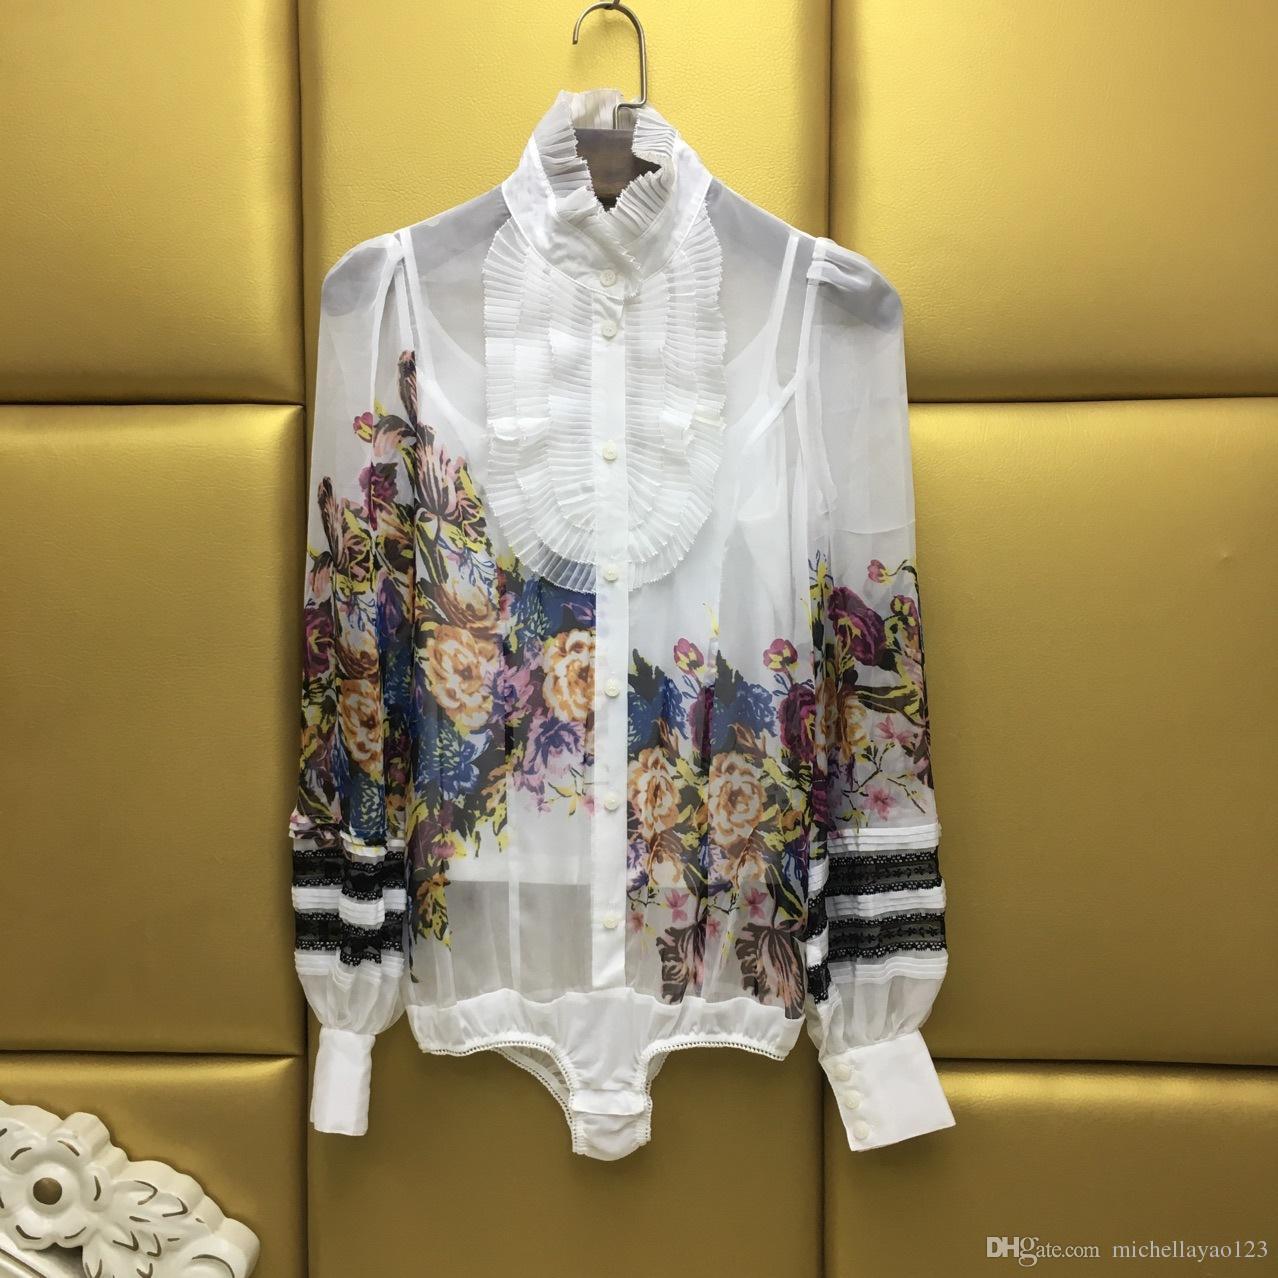 2017 أسود / أبيض موقف المحكمة طويلة الأكمام المرأة البلوزات خمر طباعة الكشكشة الحرير قميص المرأة DH336